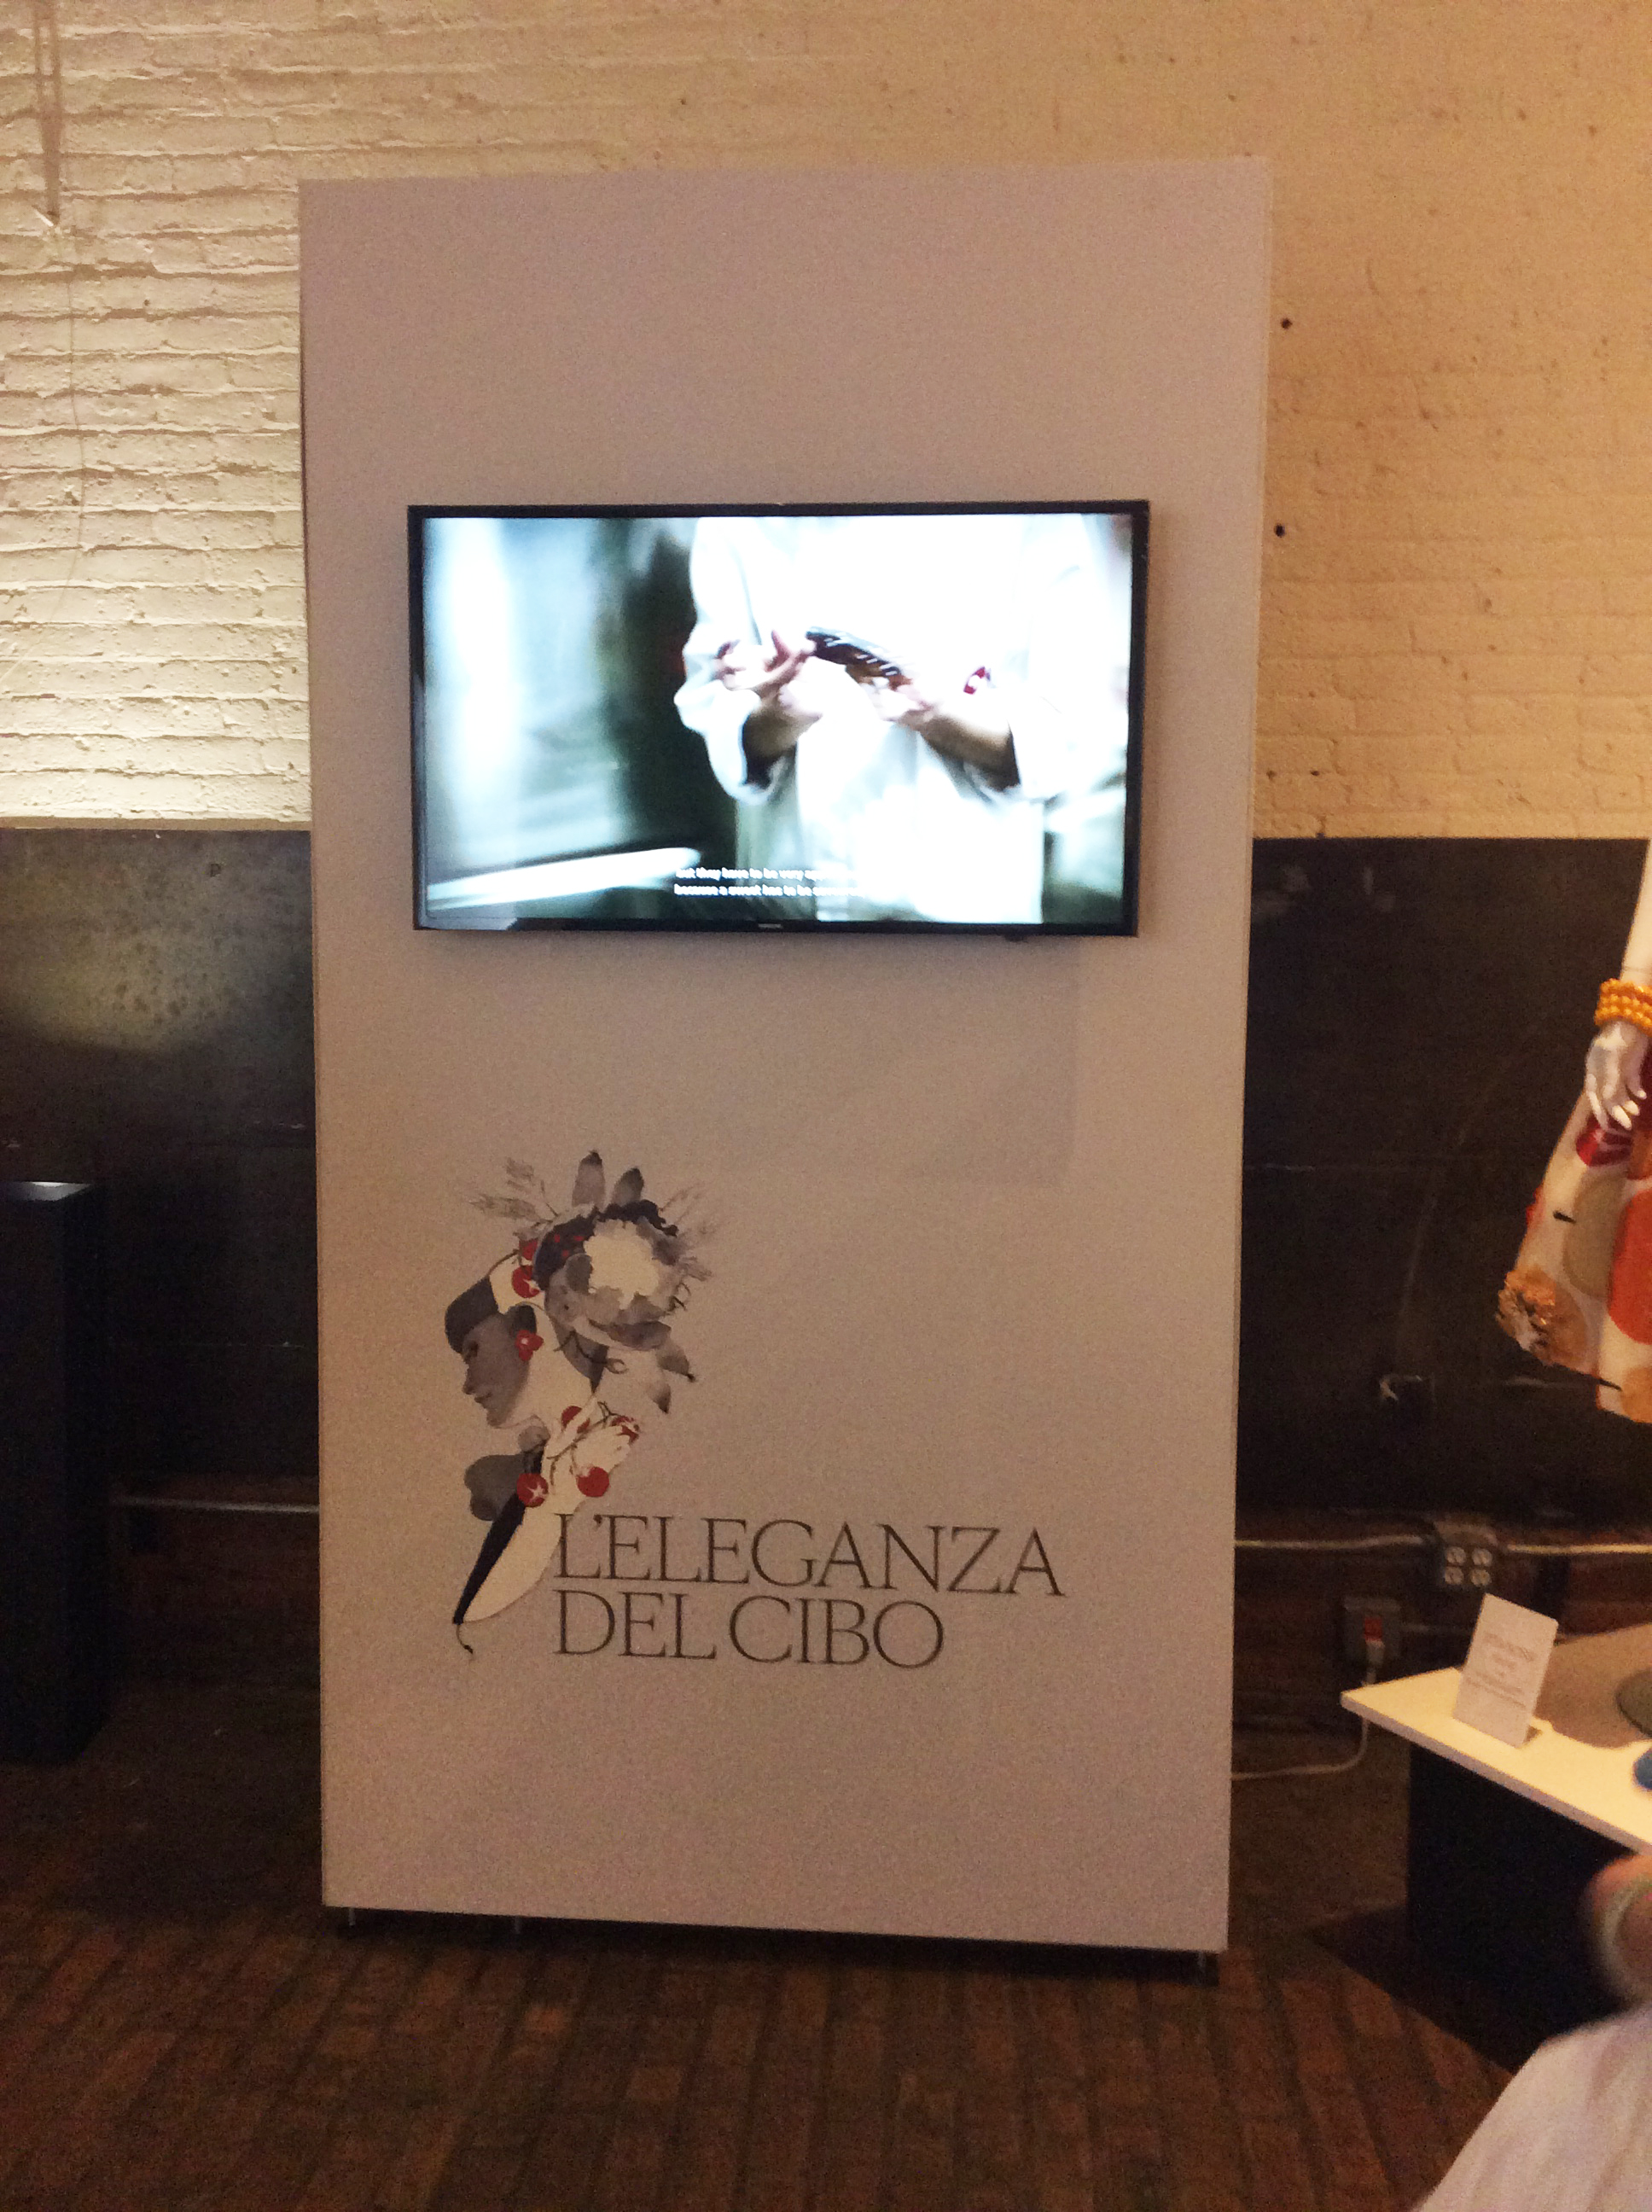 LEleganza-del-Cibo-Exhibition-Intro